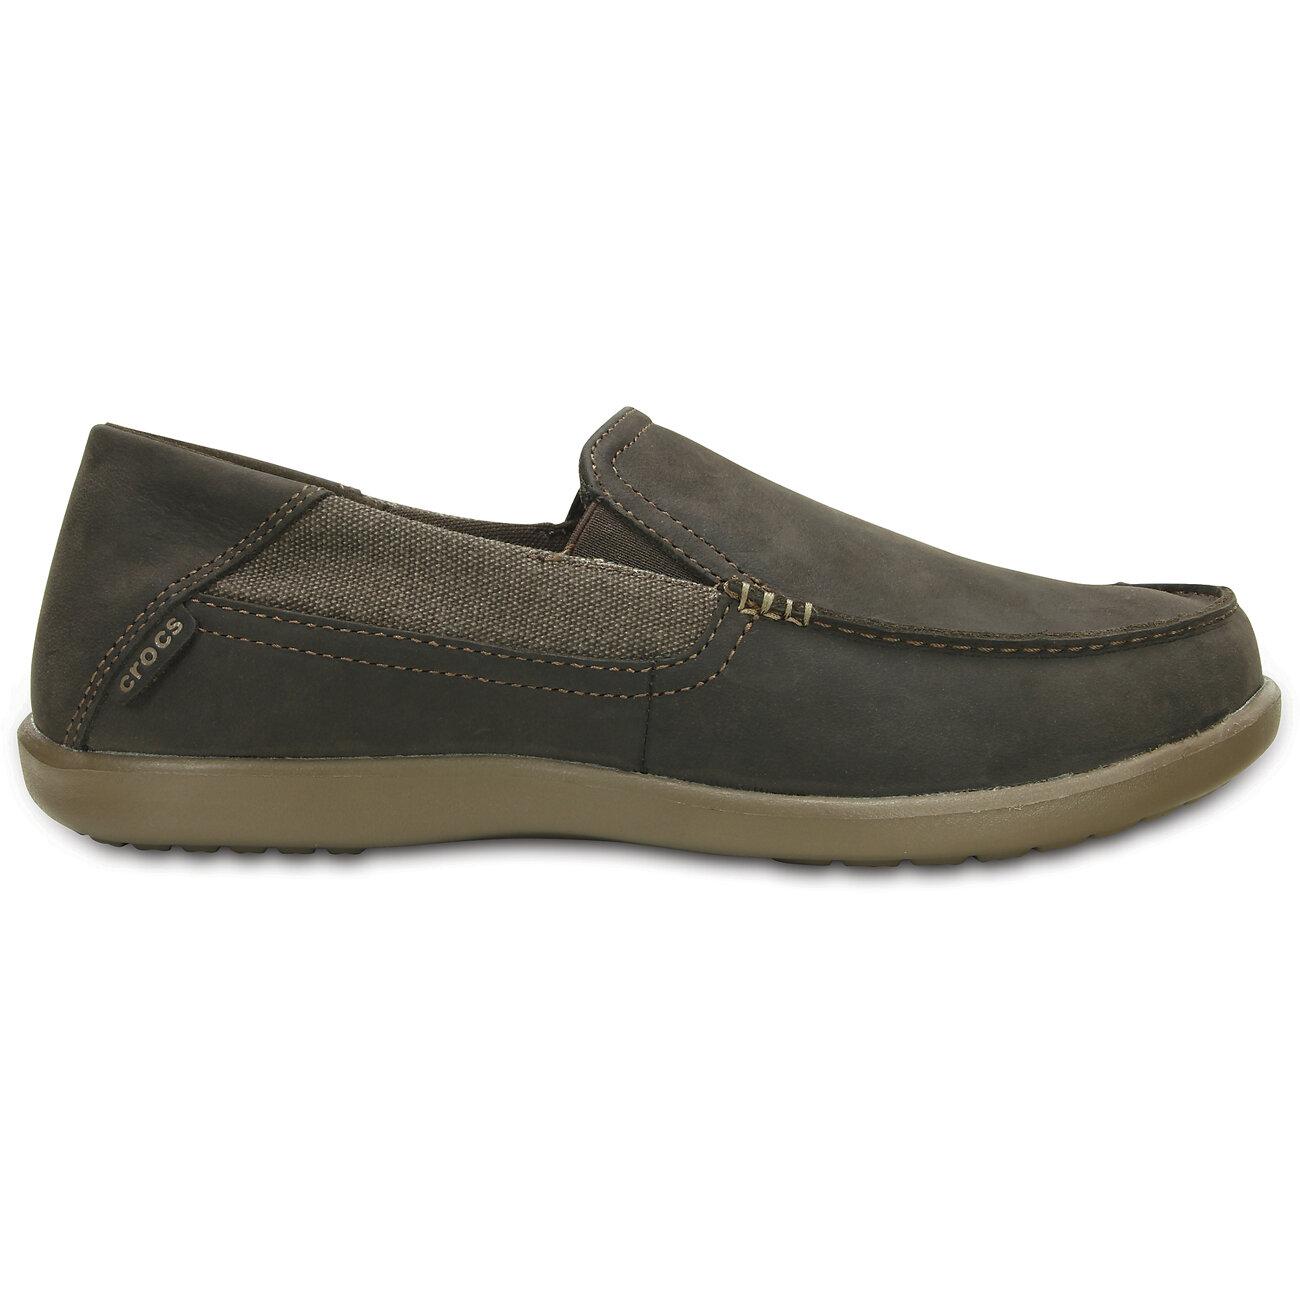 Hommes Santa Cruz Crocs 2 M De Pantoufle De Luxe - Noir - 41/42 Eu 73sxIHZh